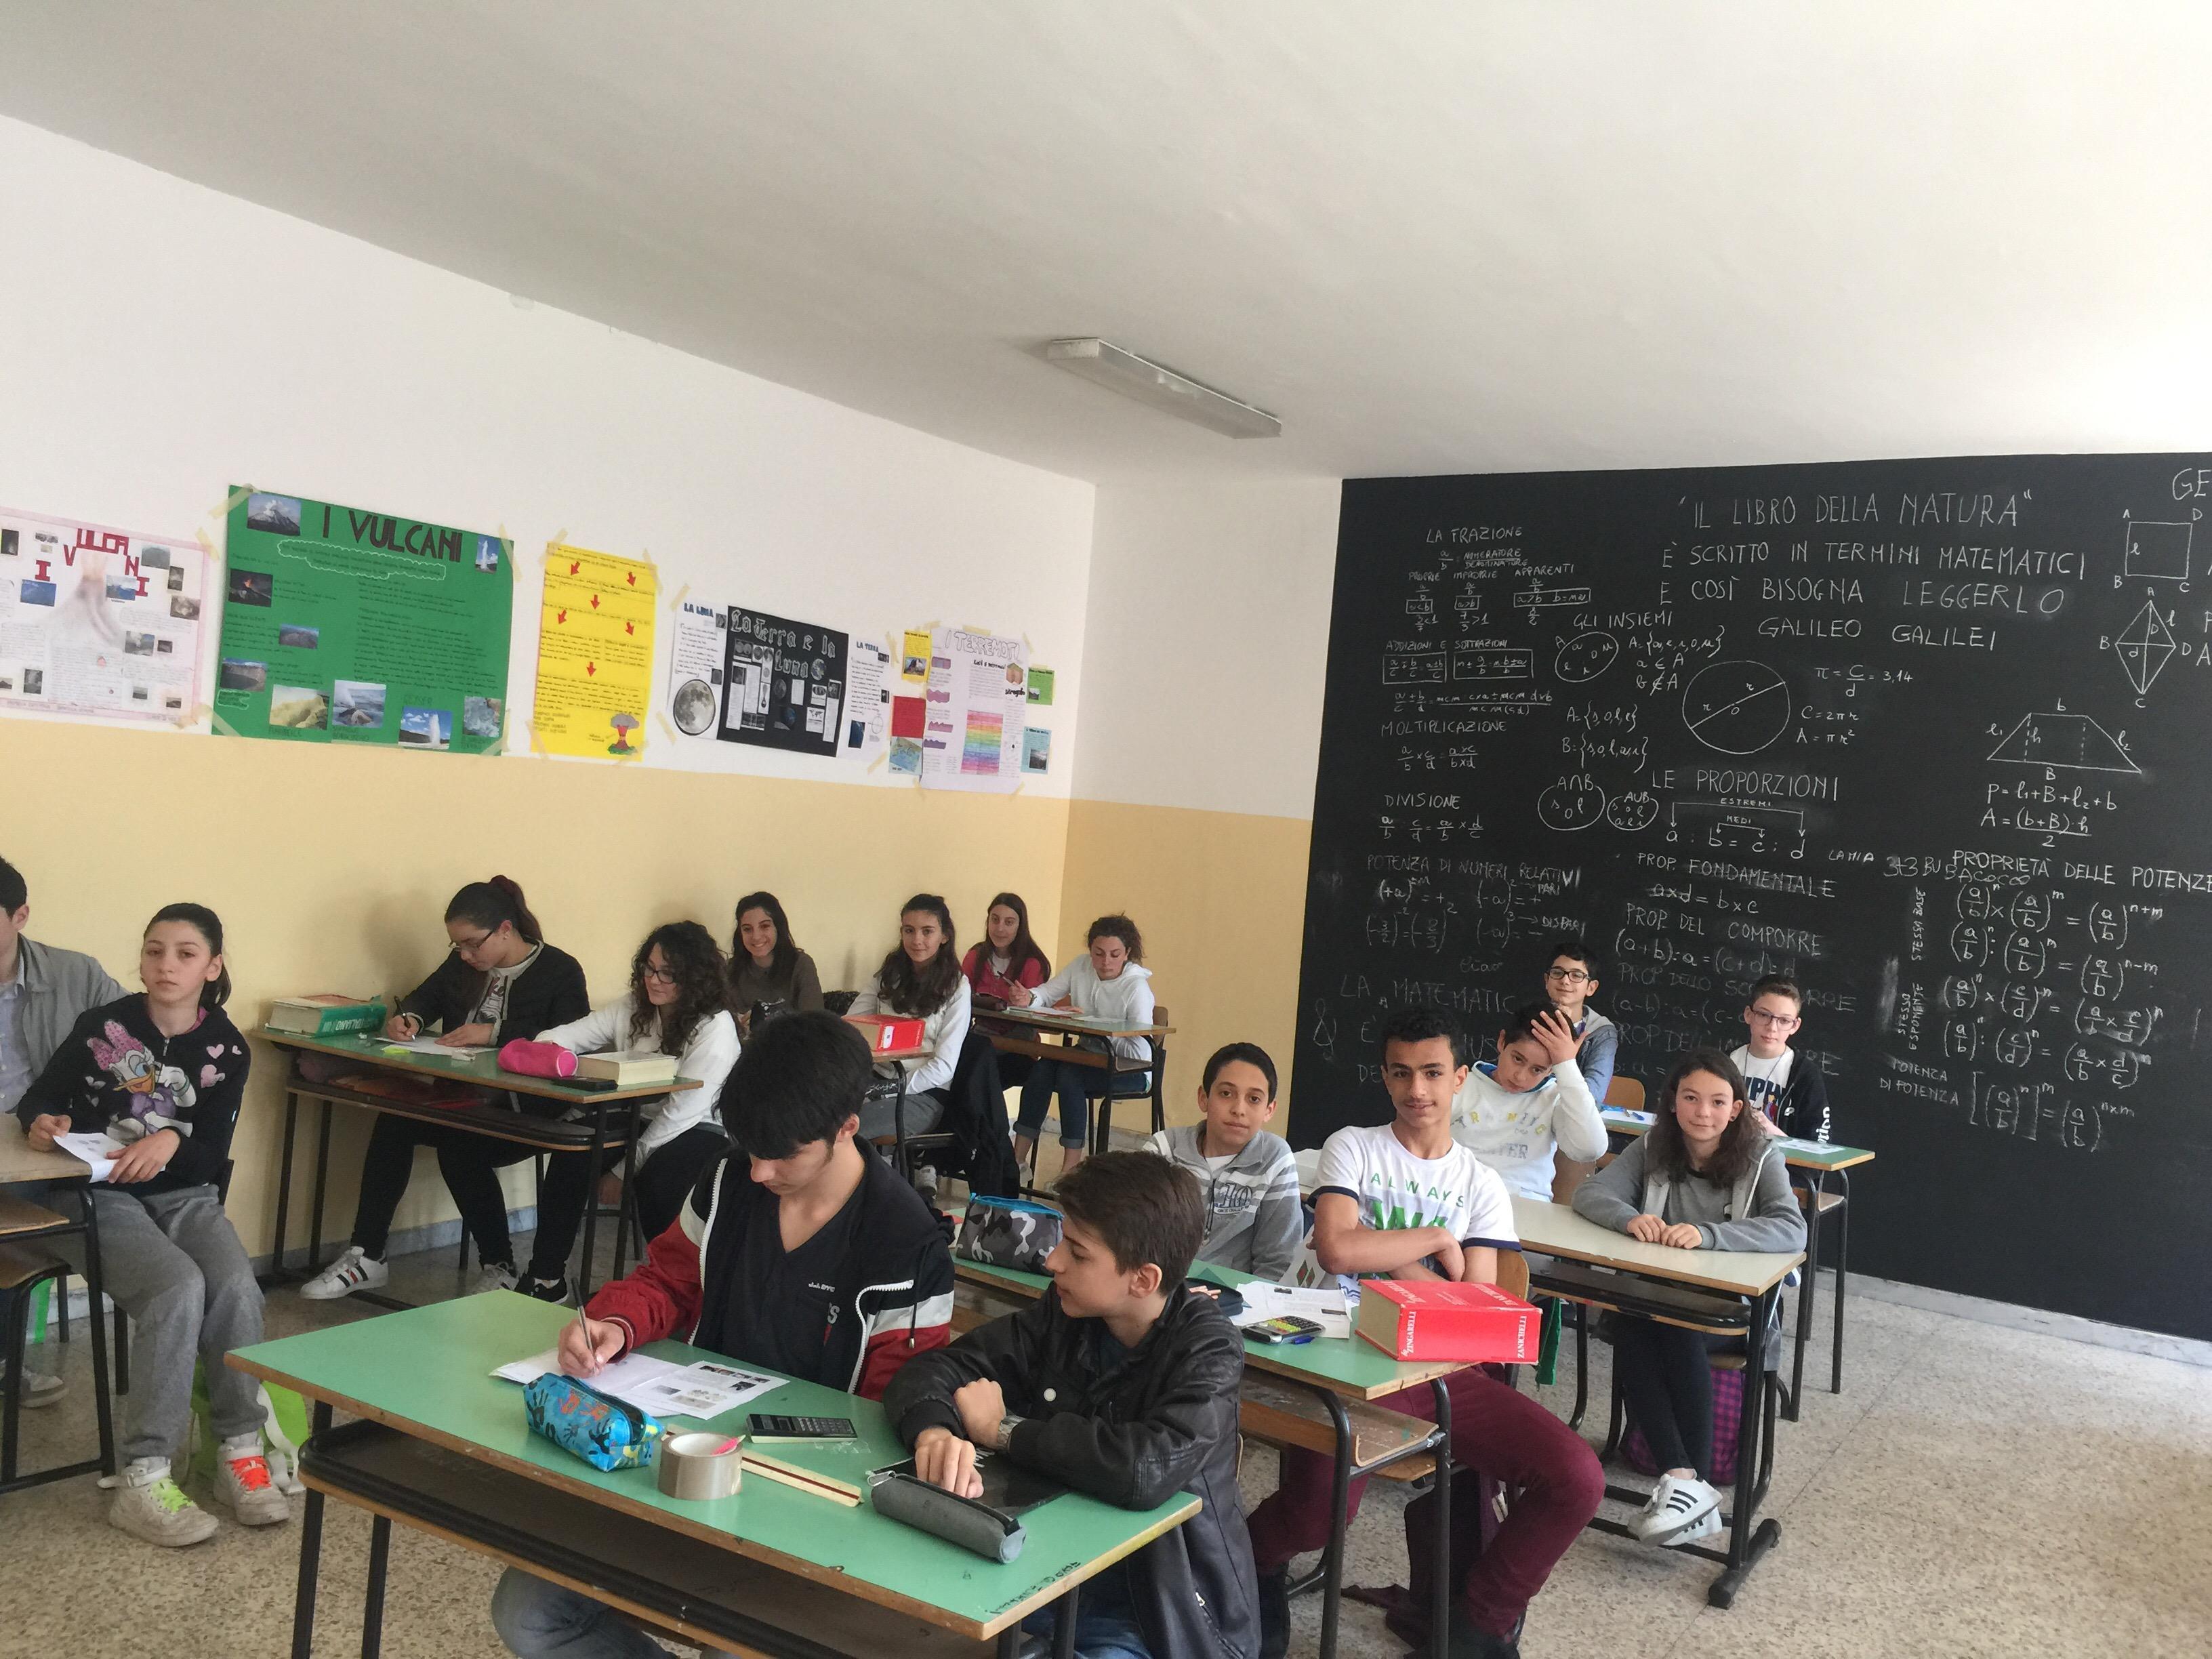 gioiamathesis risultati Risultati di apprendimento specifici del liceo linguistico  gara,organizzata  dall'associazione gioiamathesis col patrocinio del politecnico di.